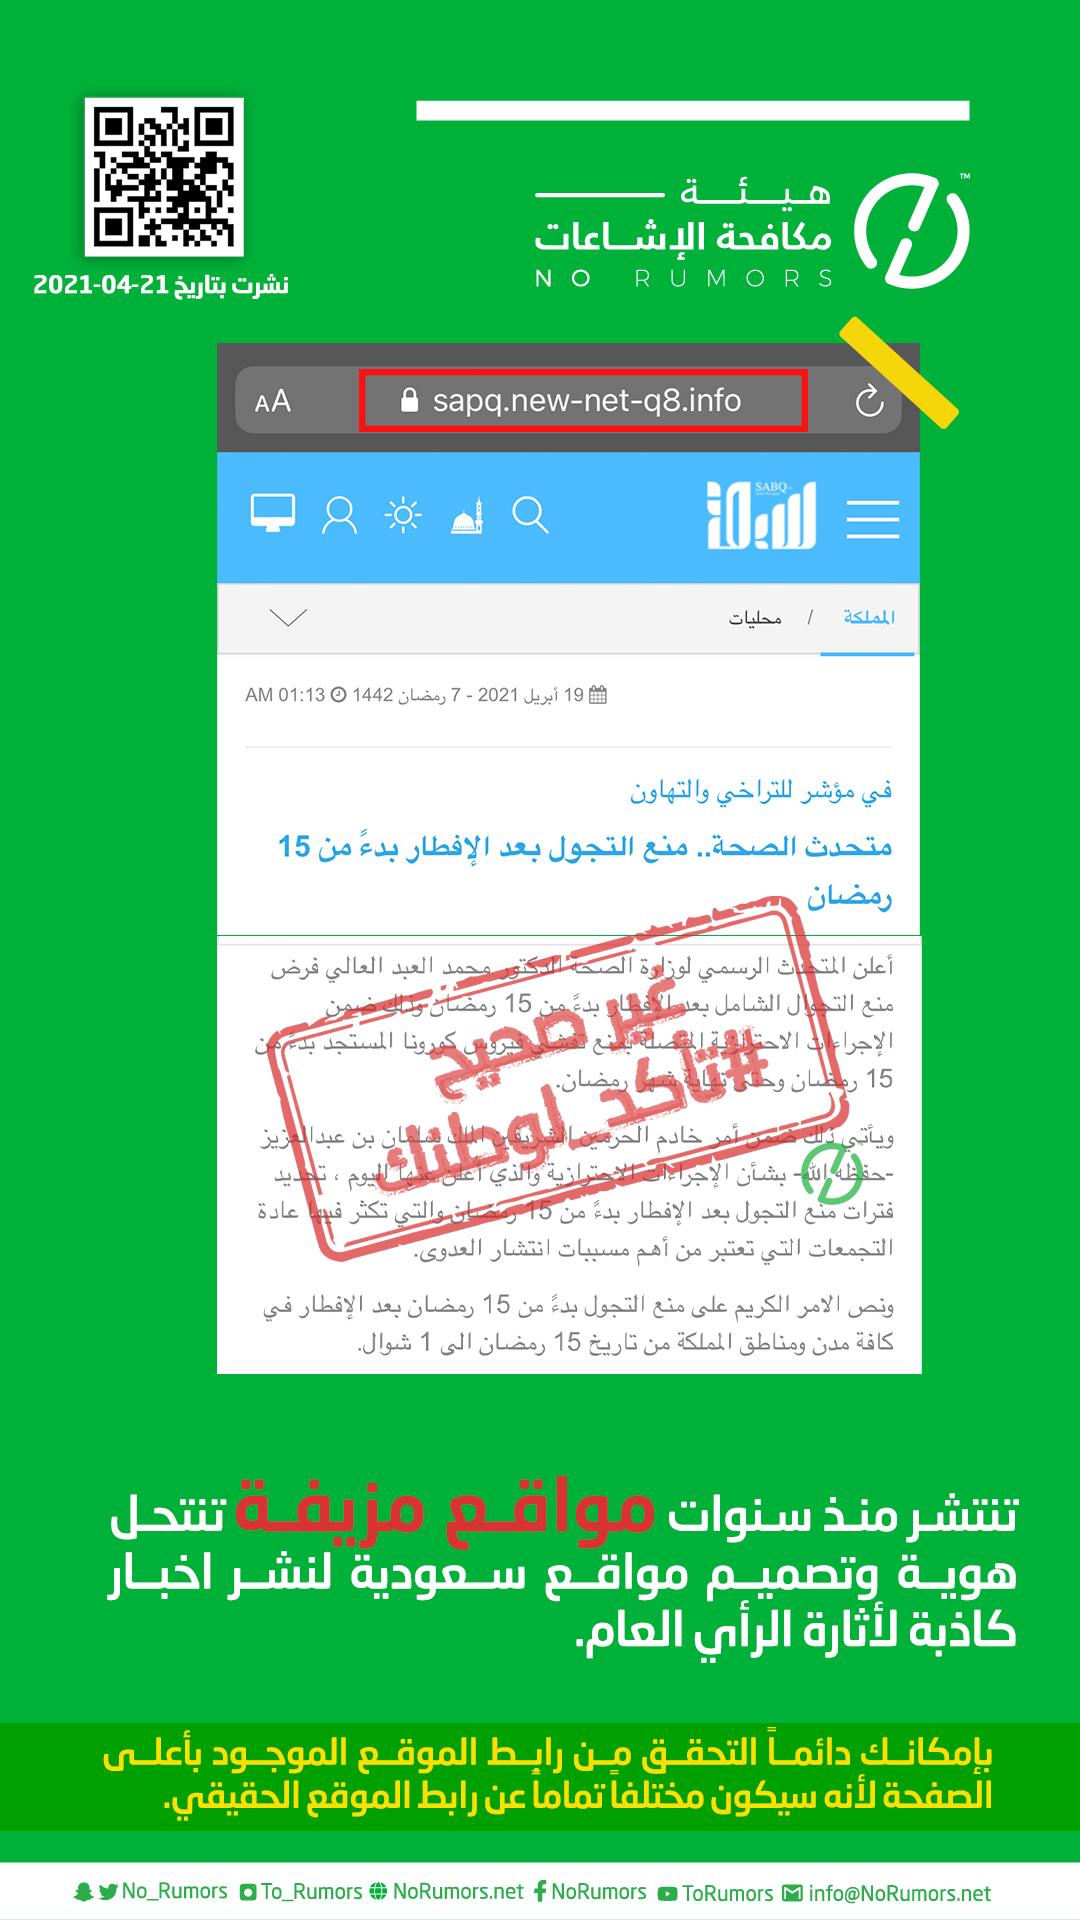 حقيقة فرض حظر تجول في كافة مدن ومناطق المملكة إعتباراً من تاريخ 15 رمضان الى 1 شوال